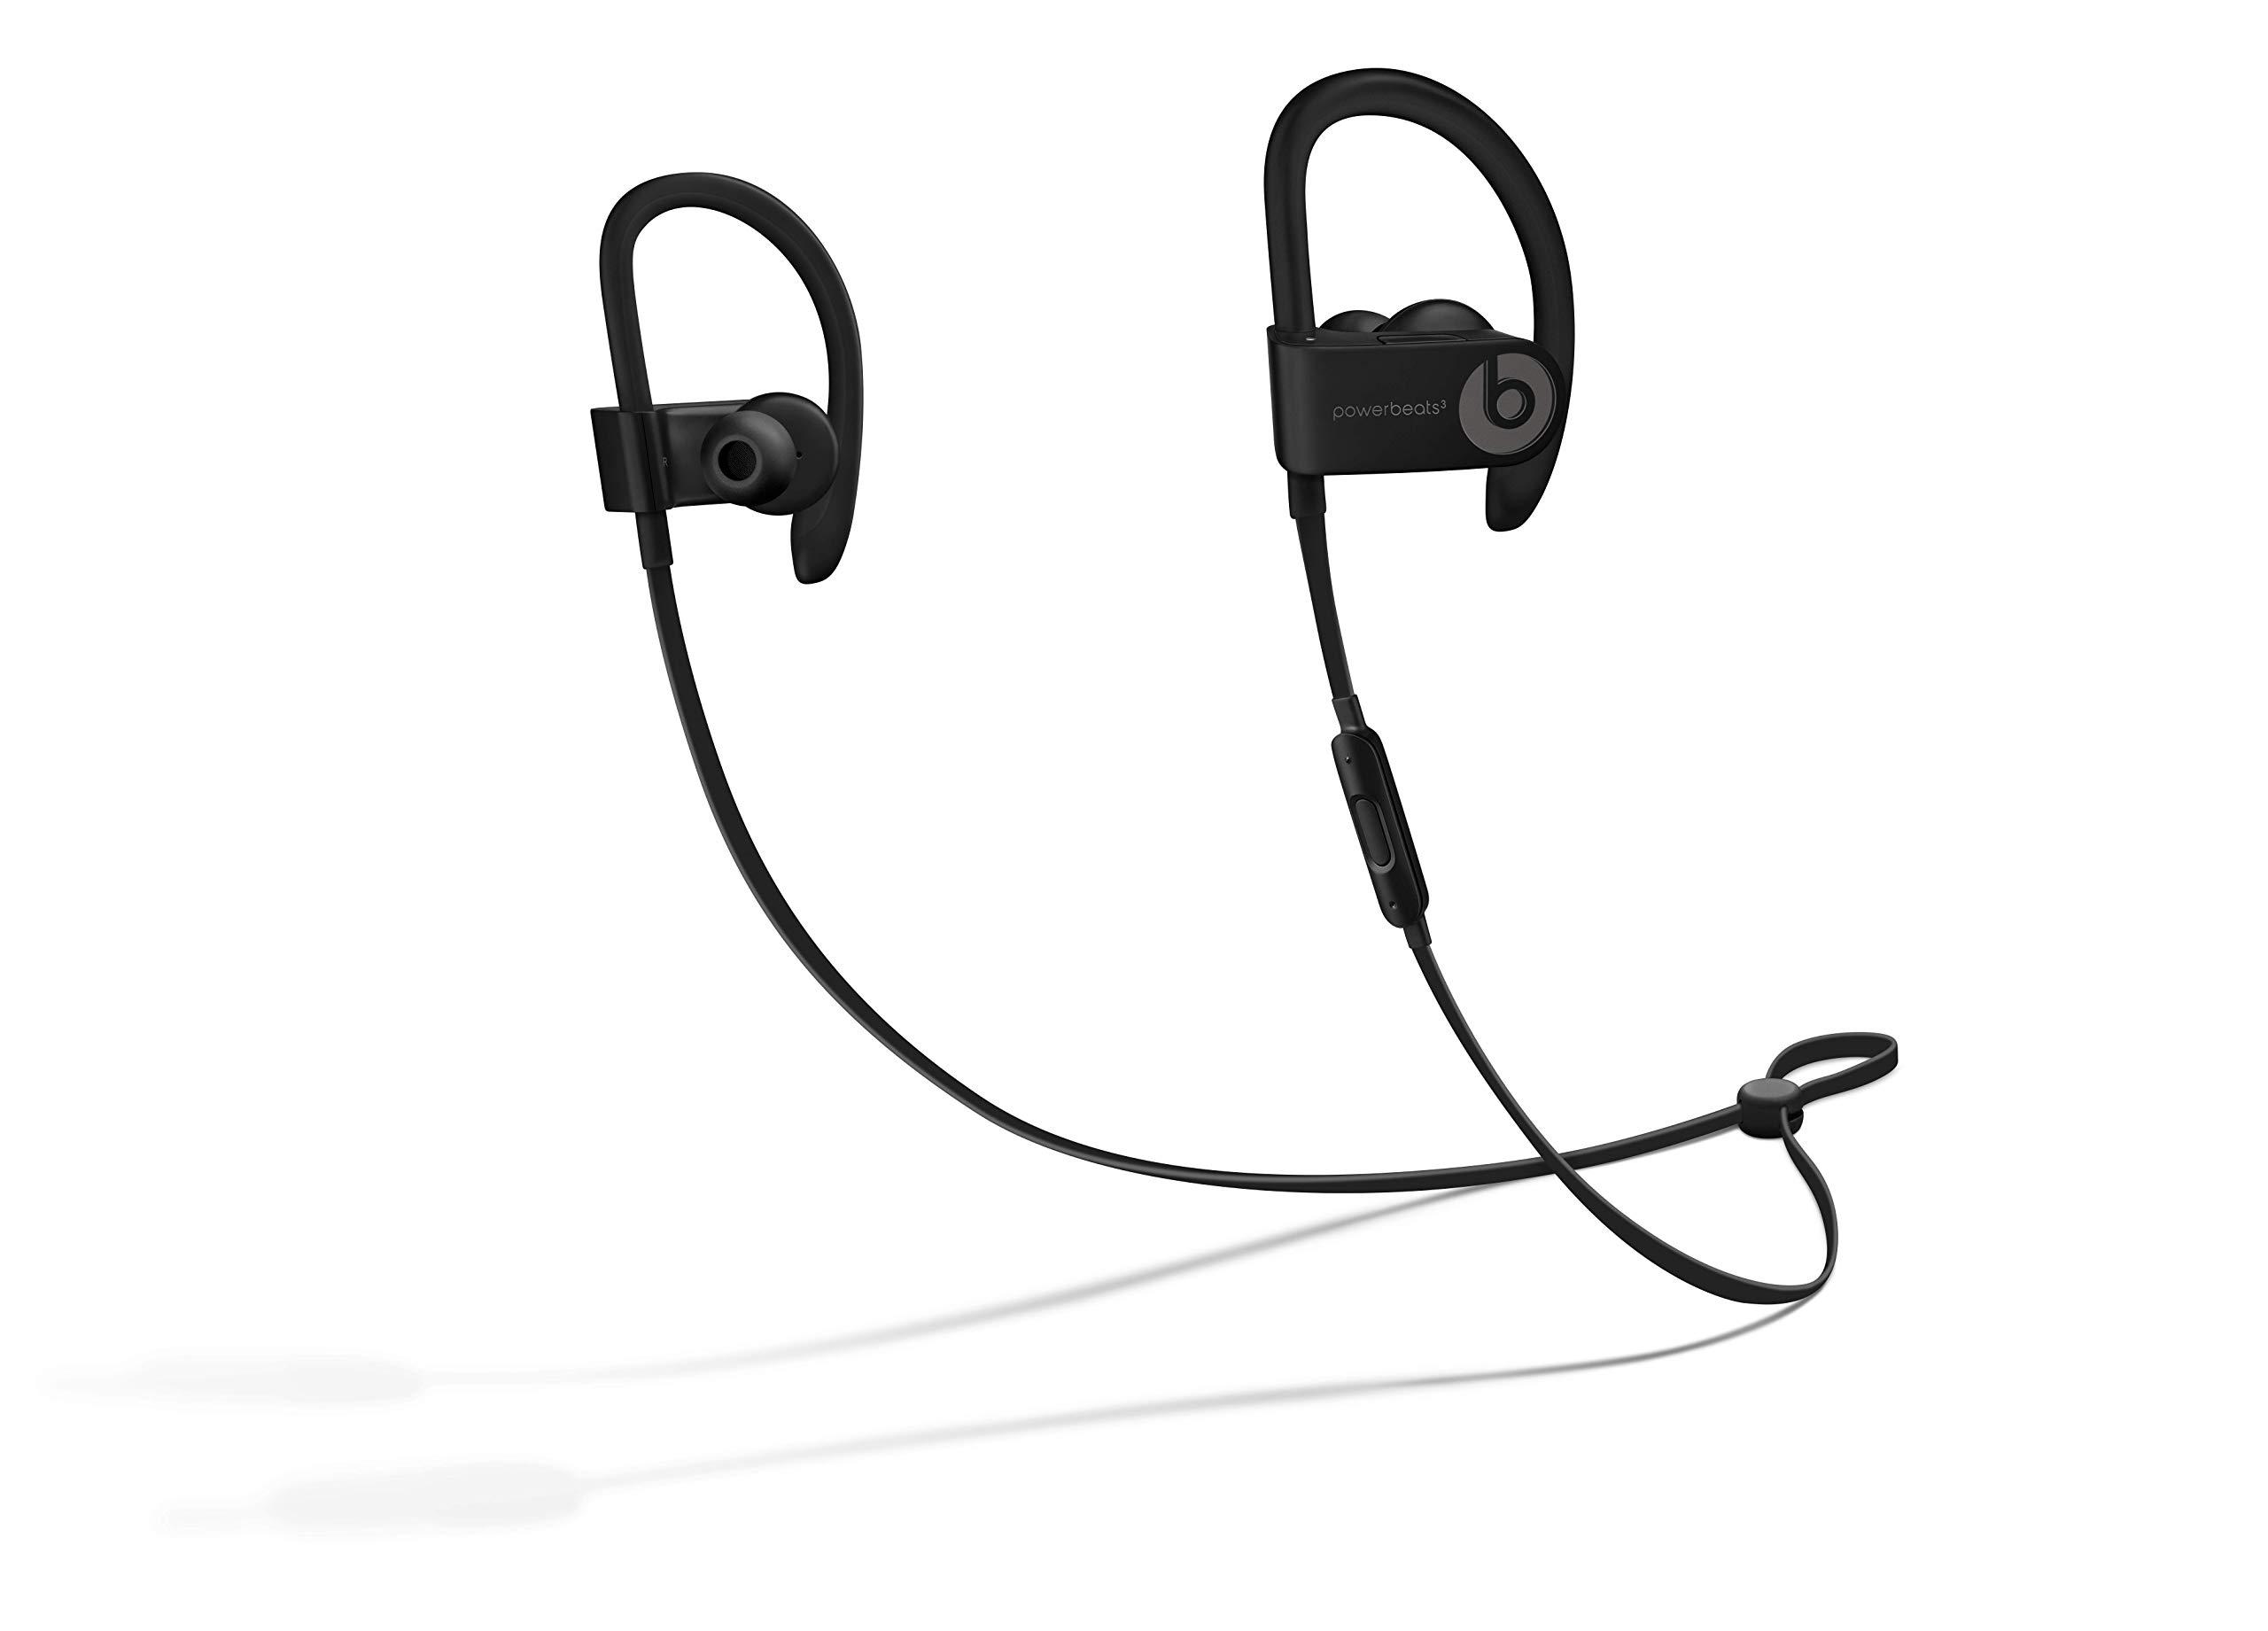 Powerbeats3 Wireless Earphones - Black by Beats